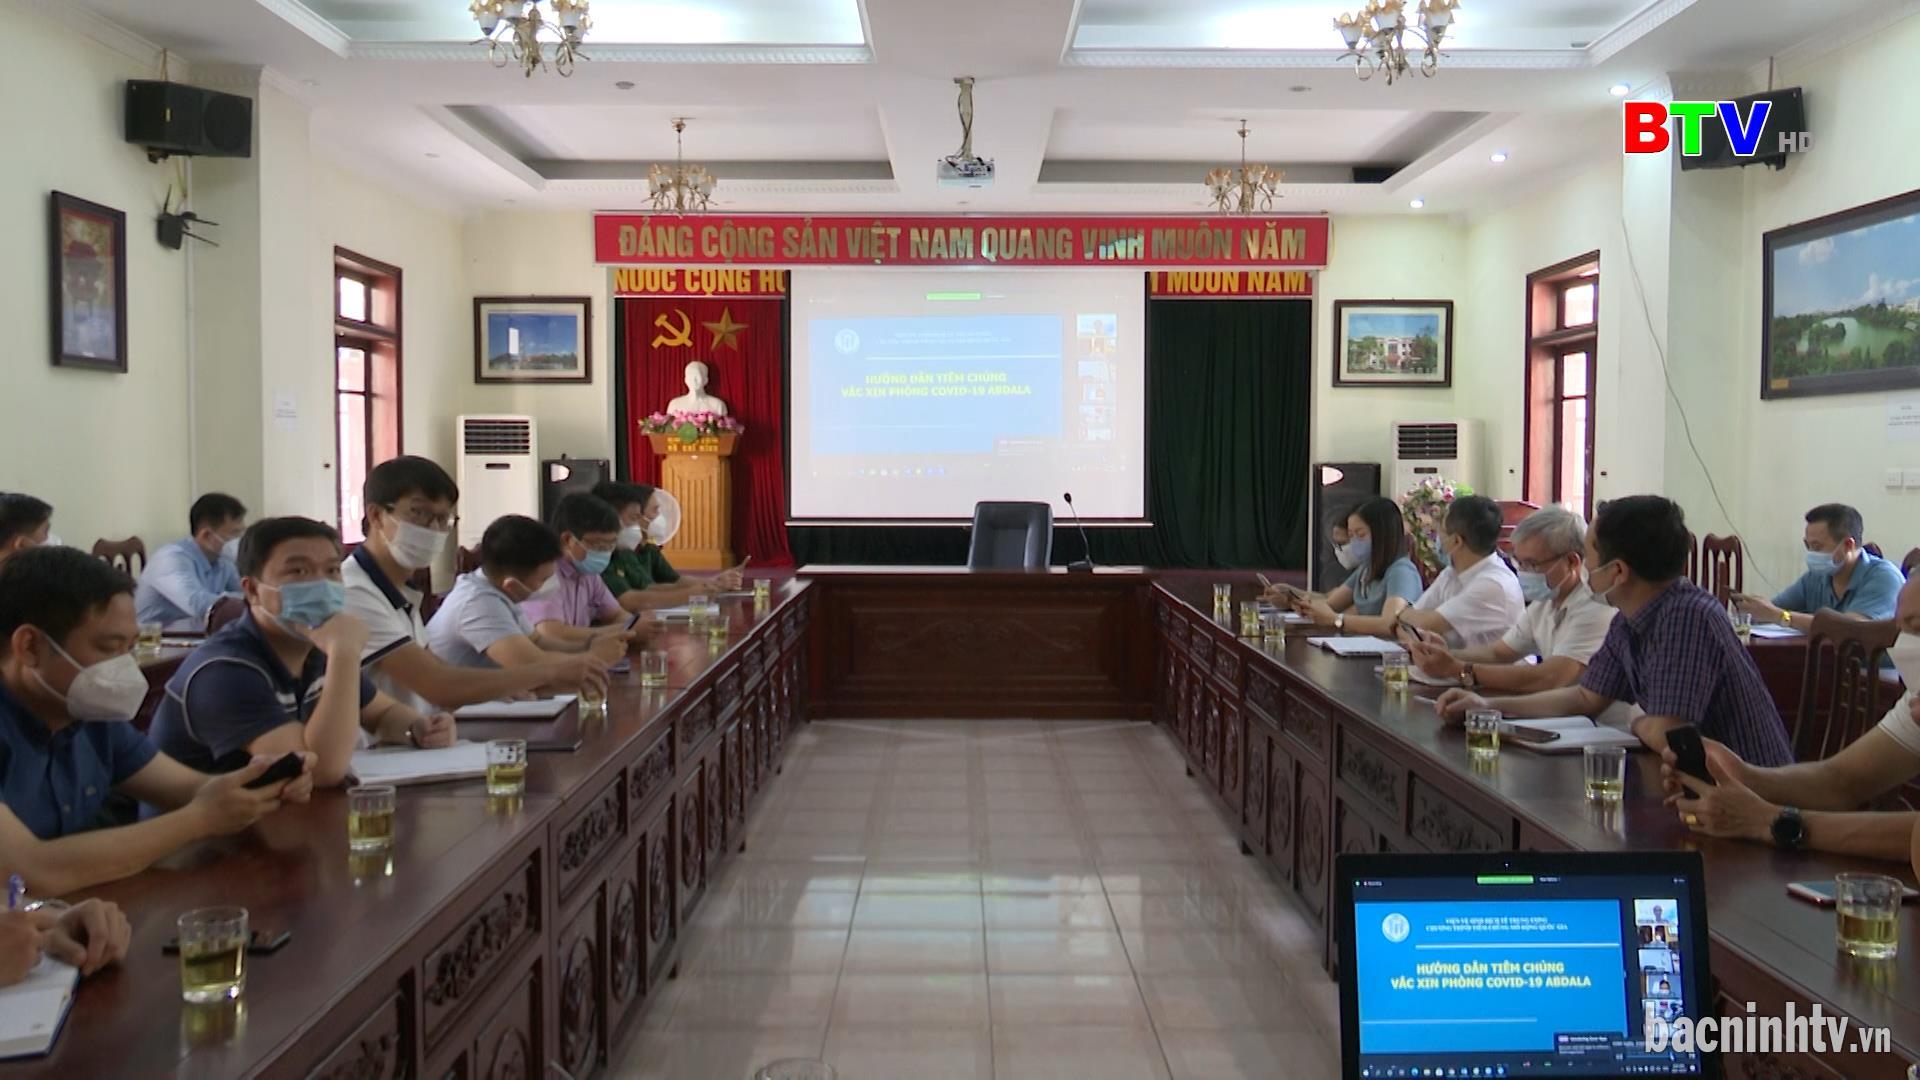 Bộ Y tế:  Hội thảo tập huấn trực tuyến về tiêm vắc xin phòng COVID-19